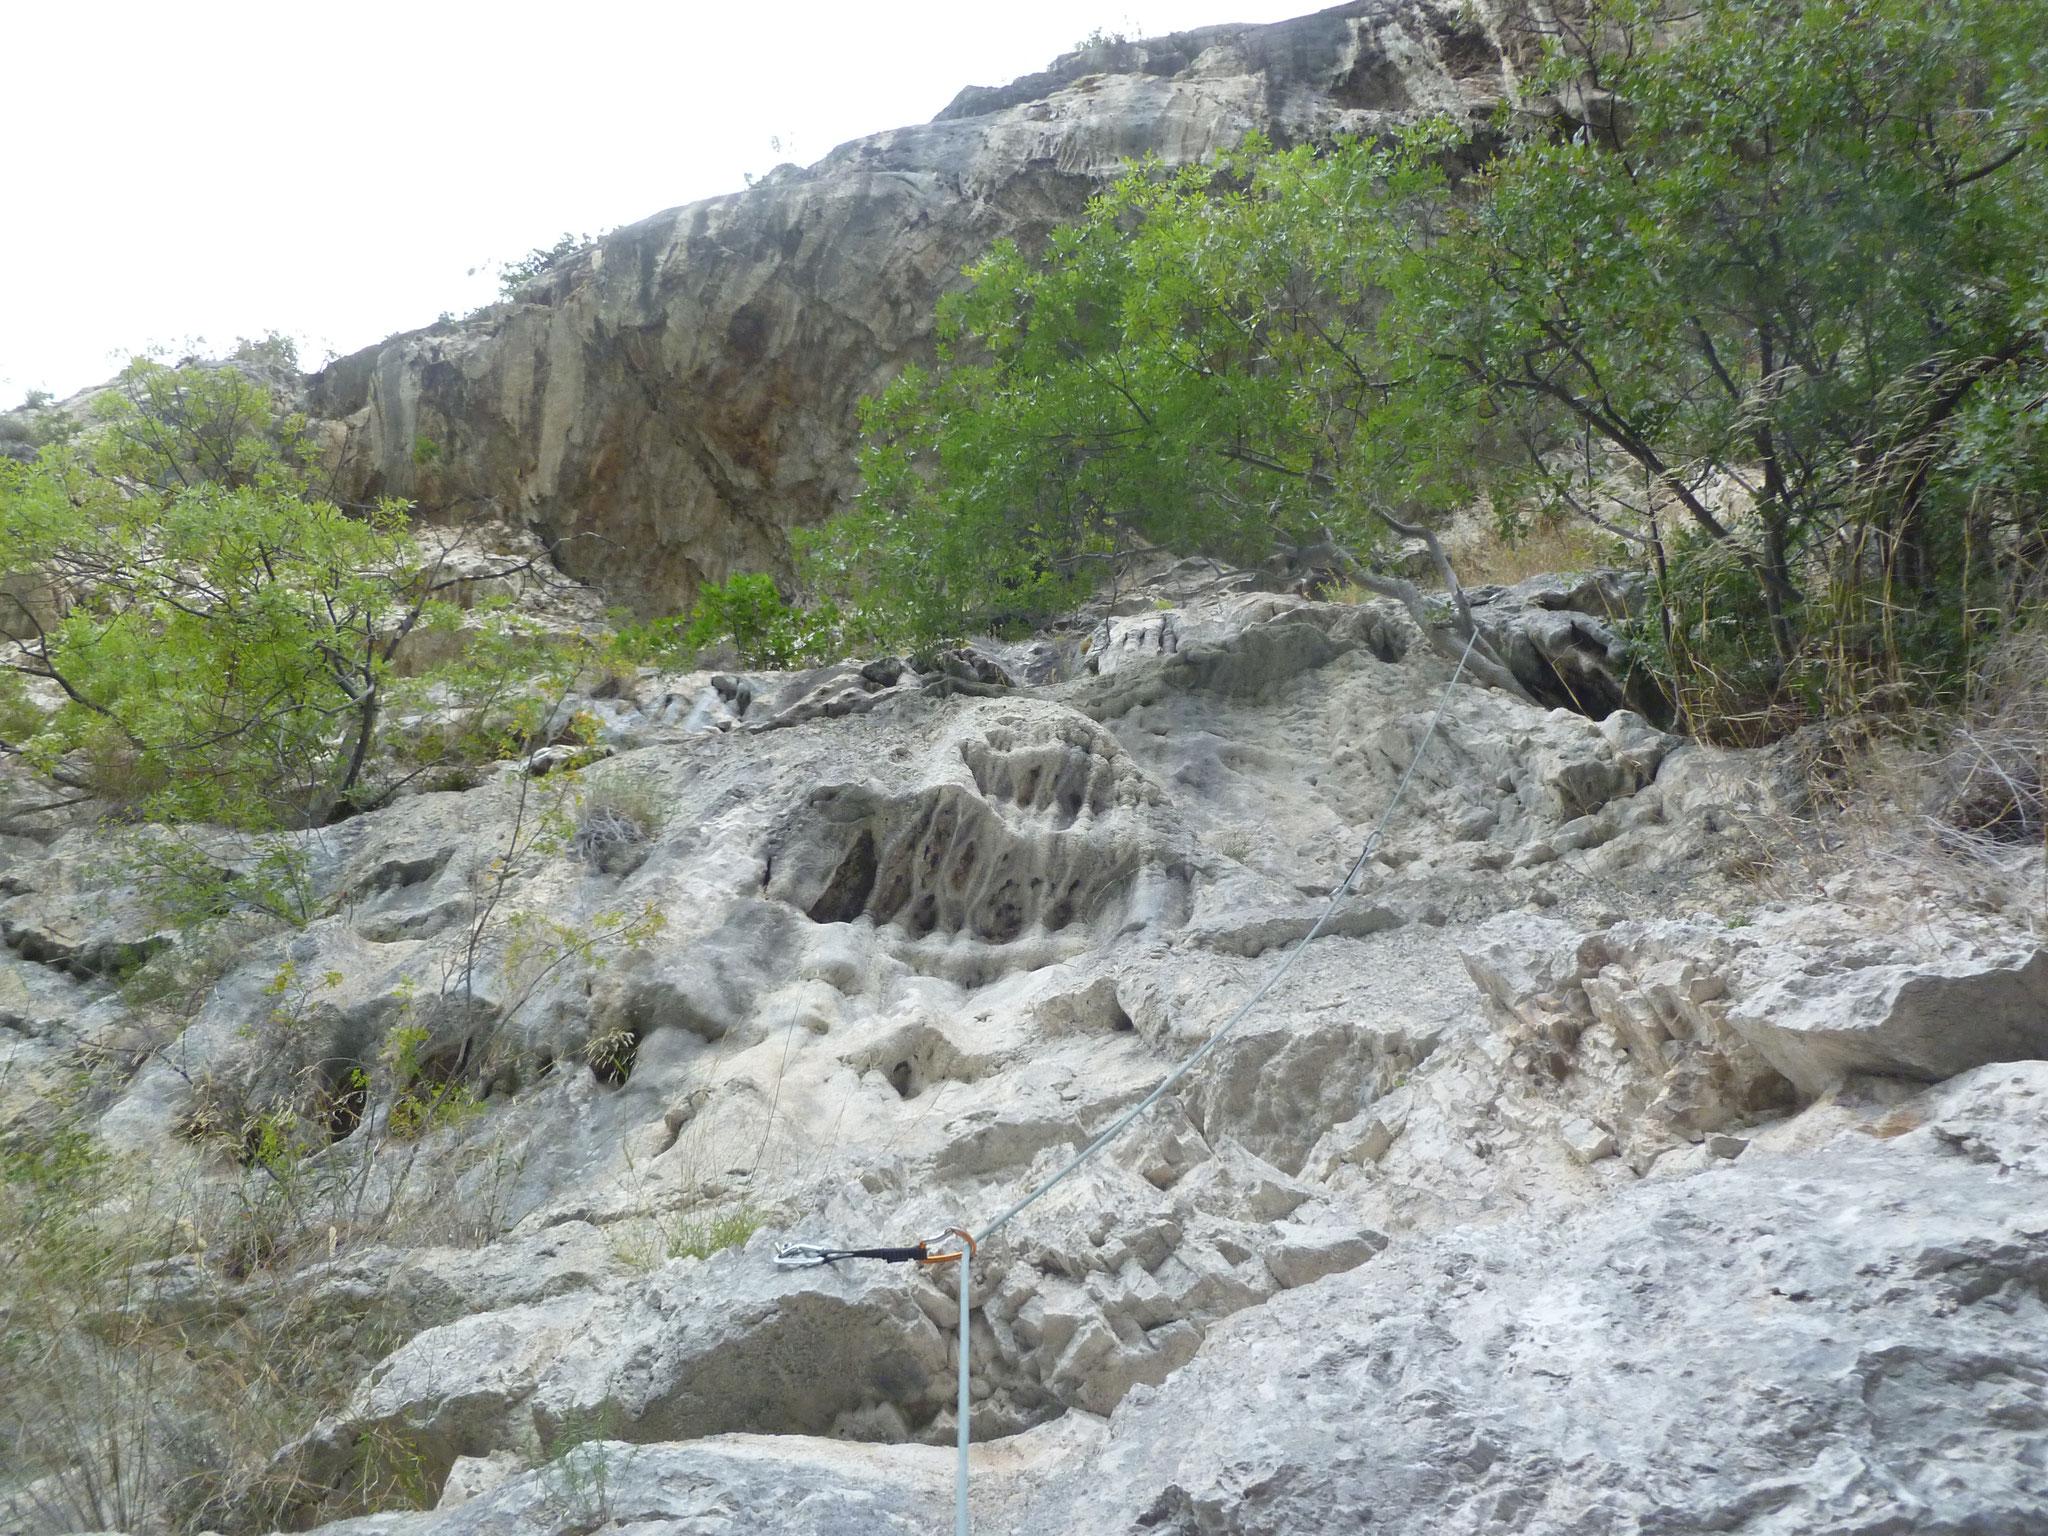 Die erste Länge: interessanter Fels, oben der bedrohliche Überhang